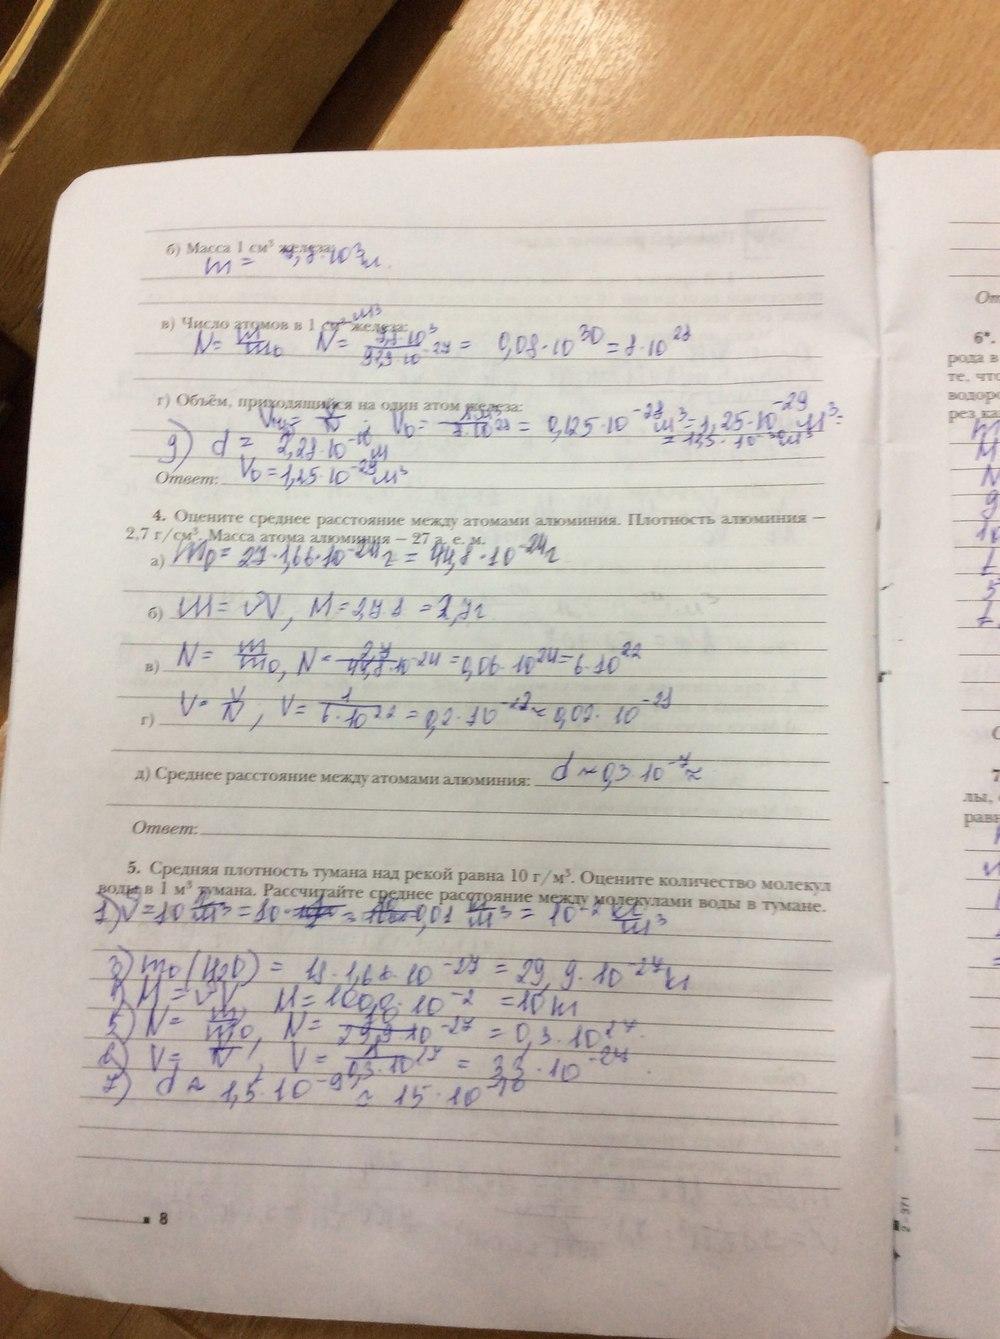 Гдз по рабочей тетради по физике 8 класс грачев просмотр